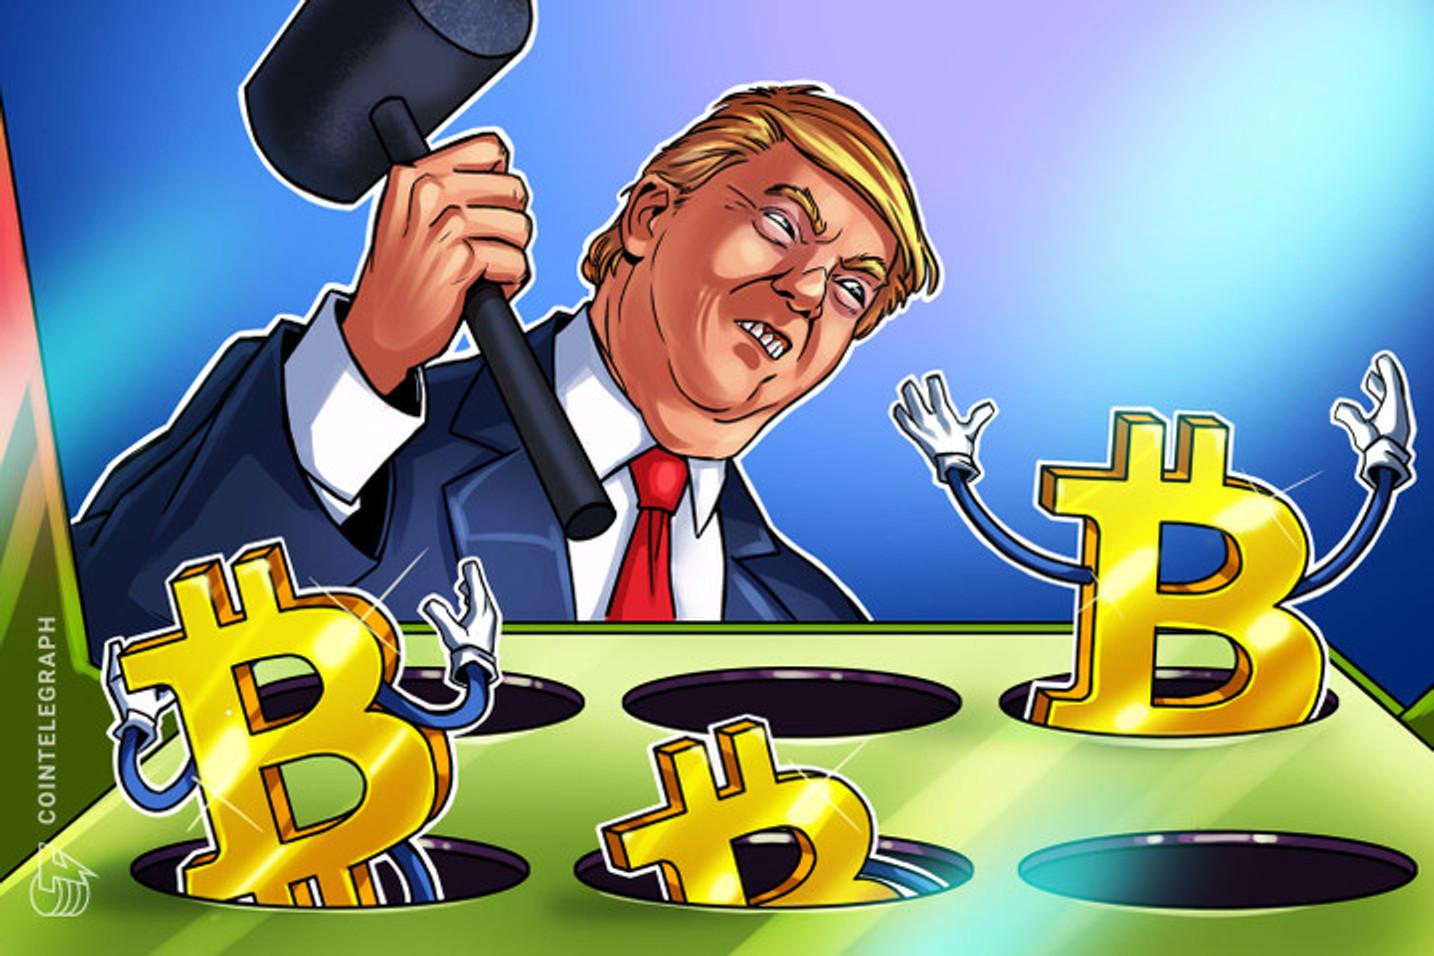 【速報】トランプ大統領、新型コロナに感染 仮想通貨ビットコインは急落